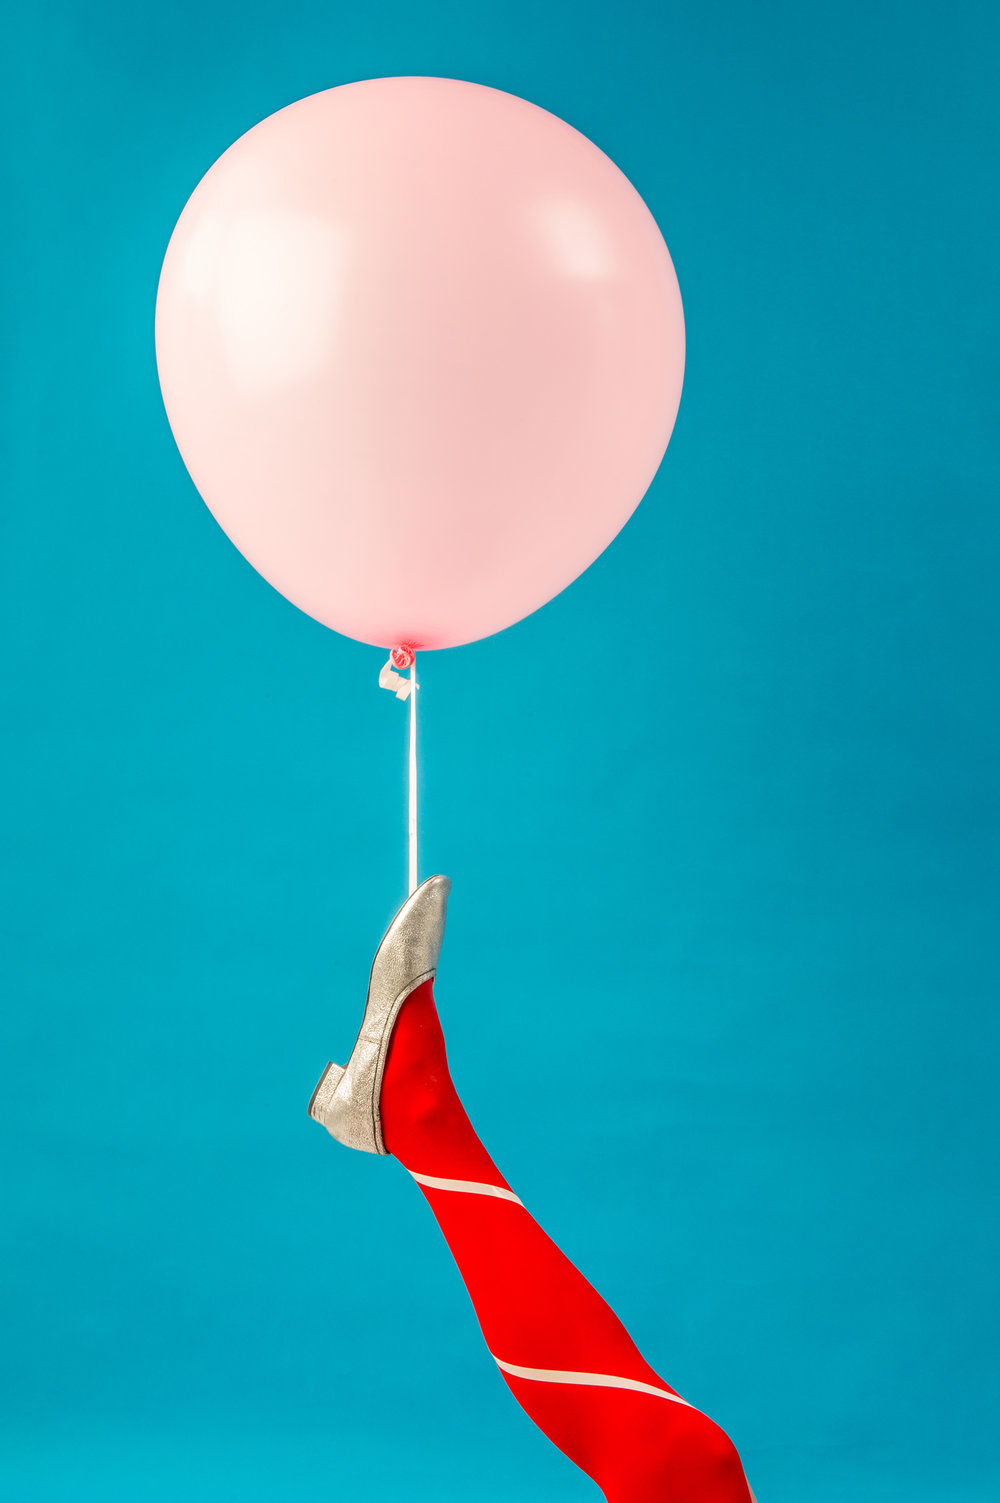 Jätteballonger Ljusrosa